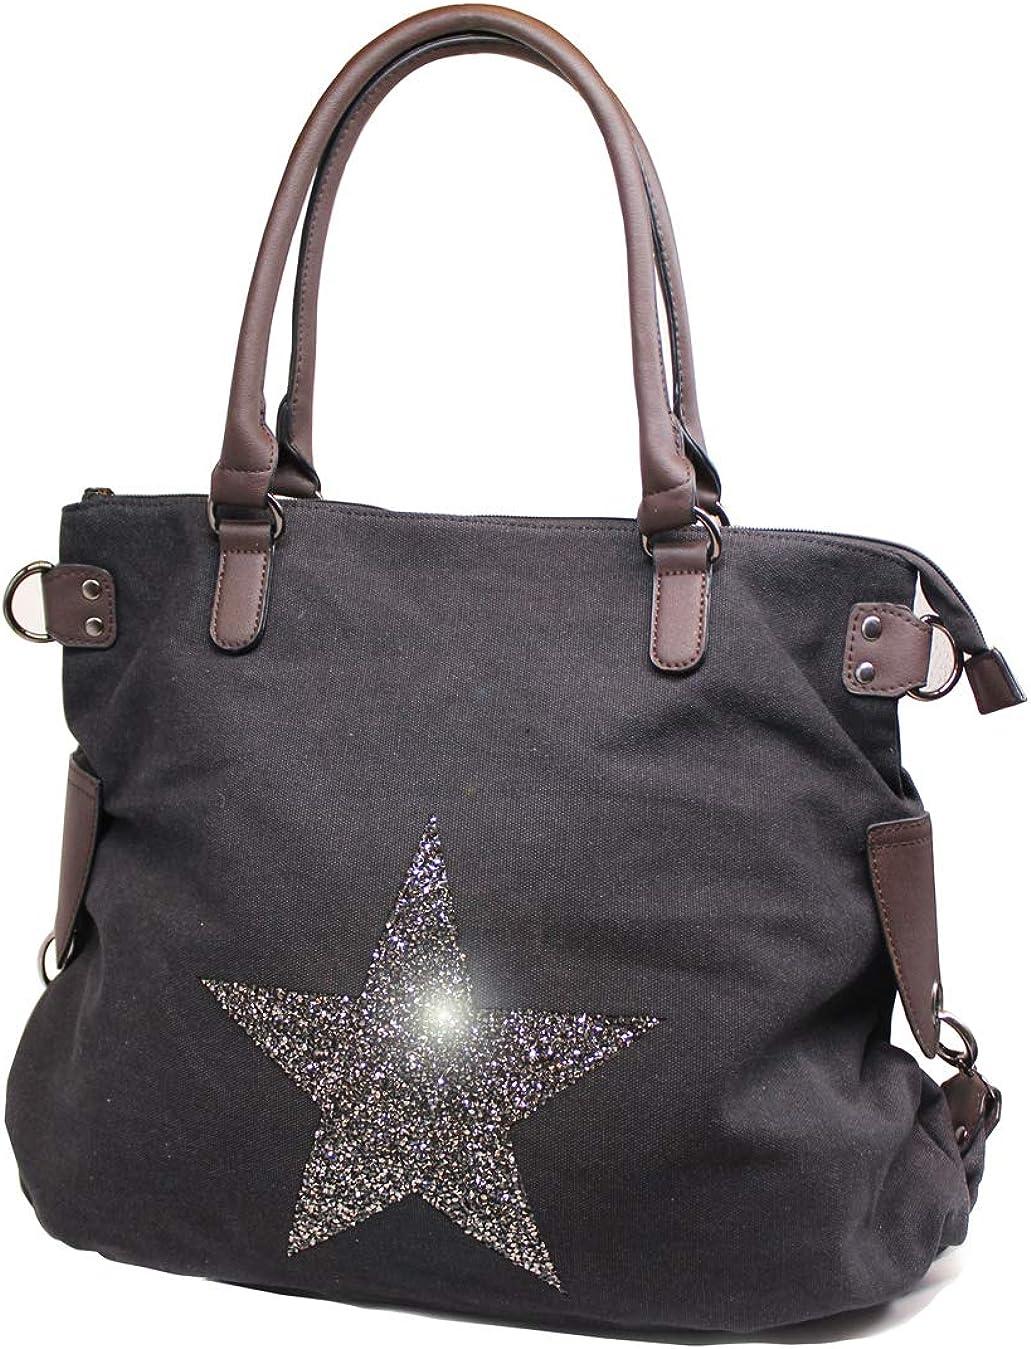 in tela resistente Borsa a tracolla grande da donna con stelle luccicanti brillanti espandibile resistente